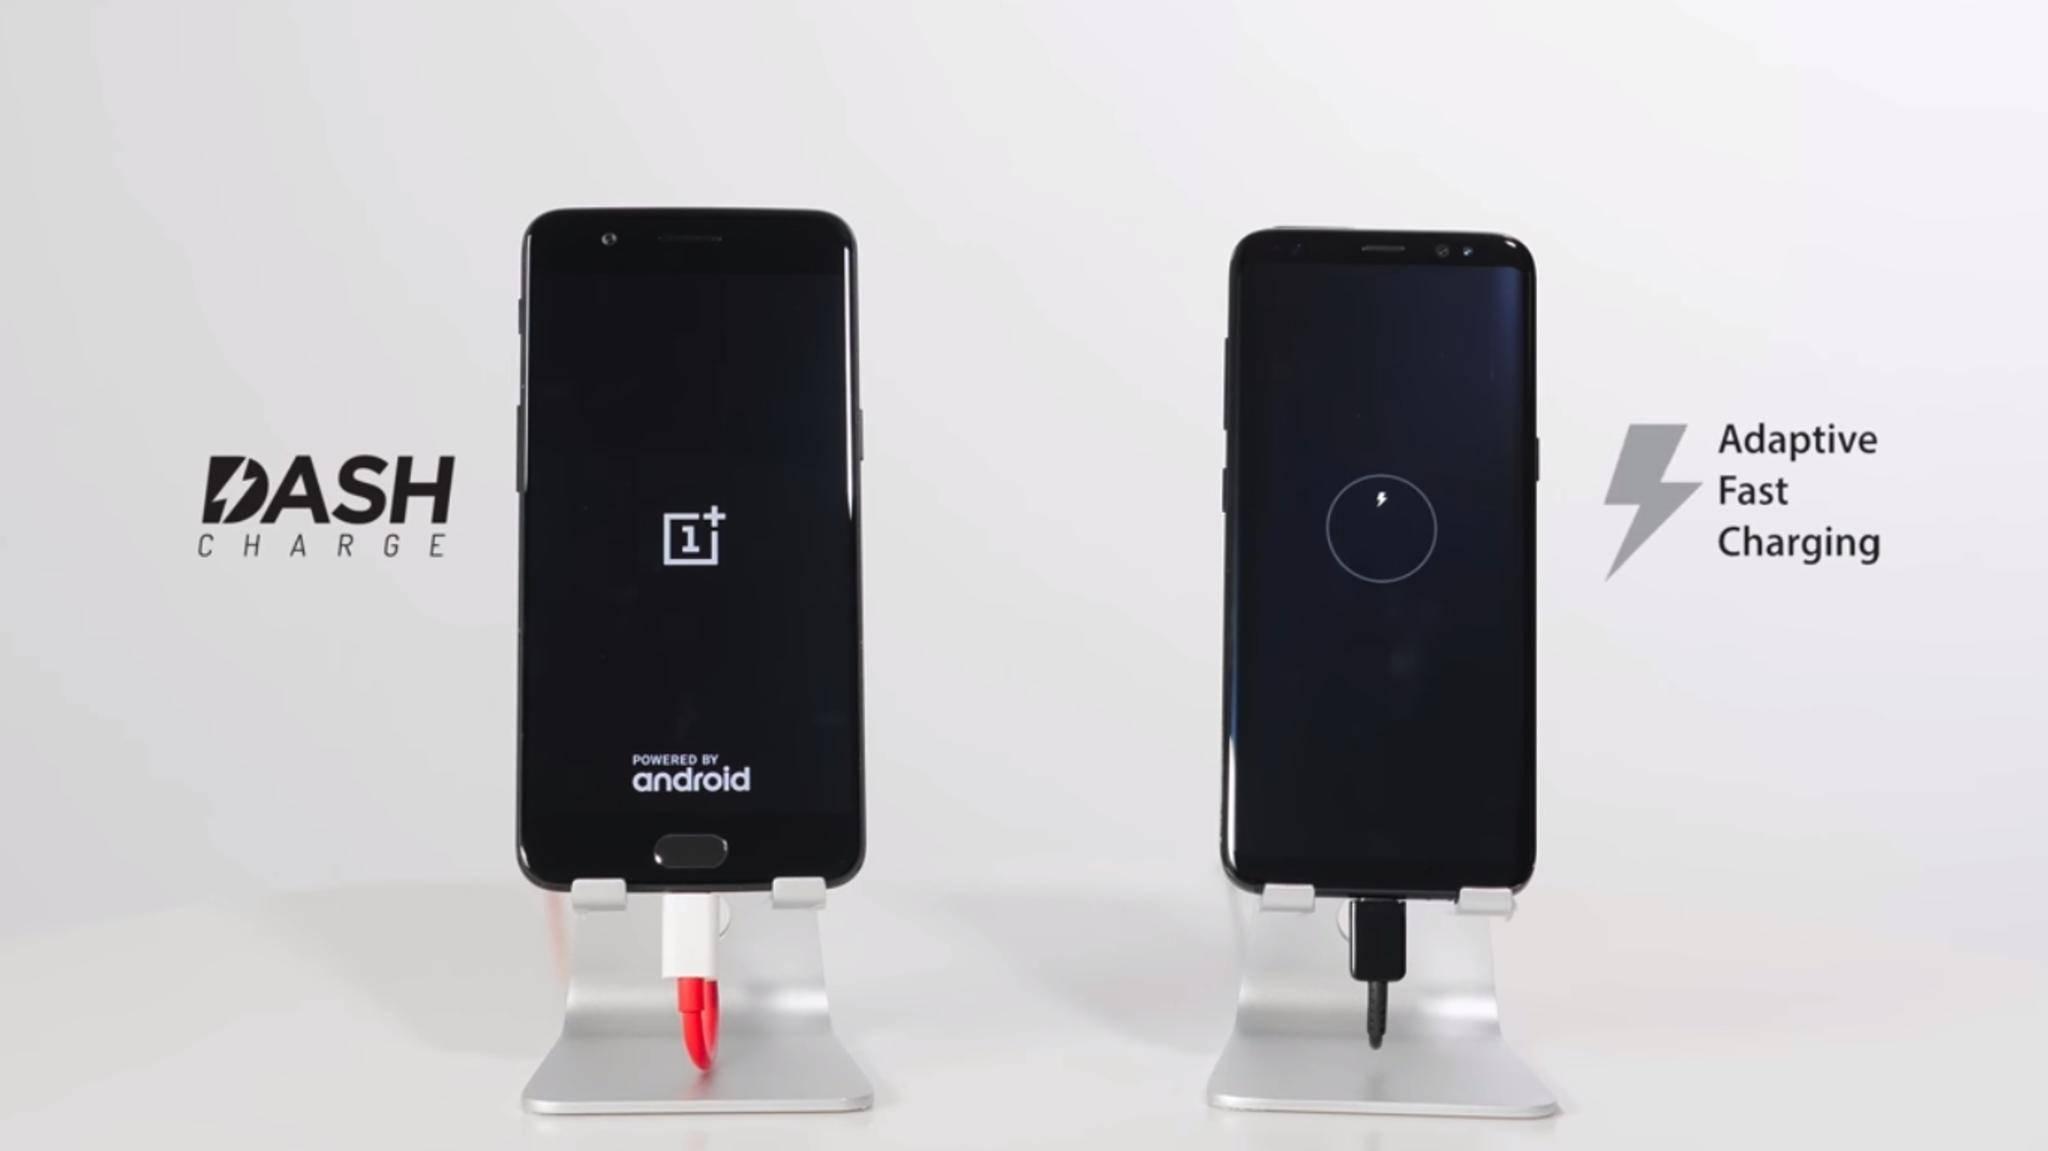 Dash Charge ist etwas schneller als das Adaptive Fast Charging des Galaxy S8.